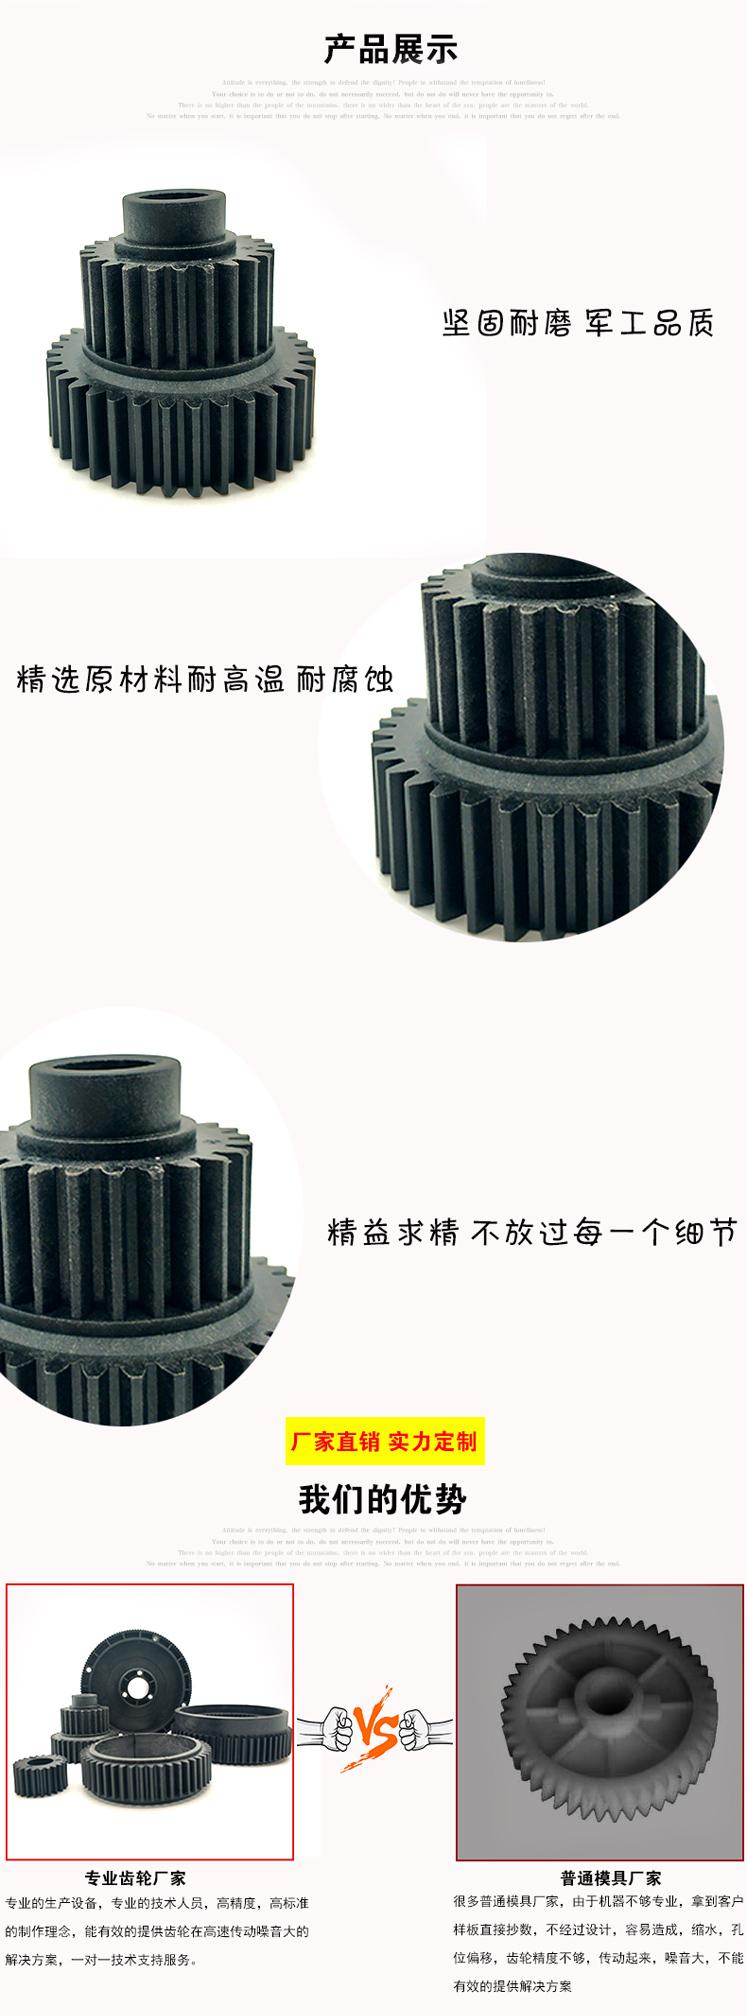 图层-0_03.jpg